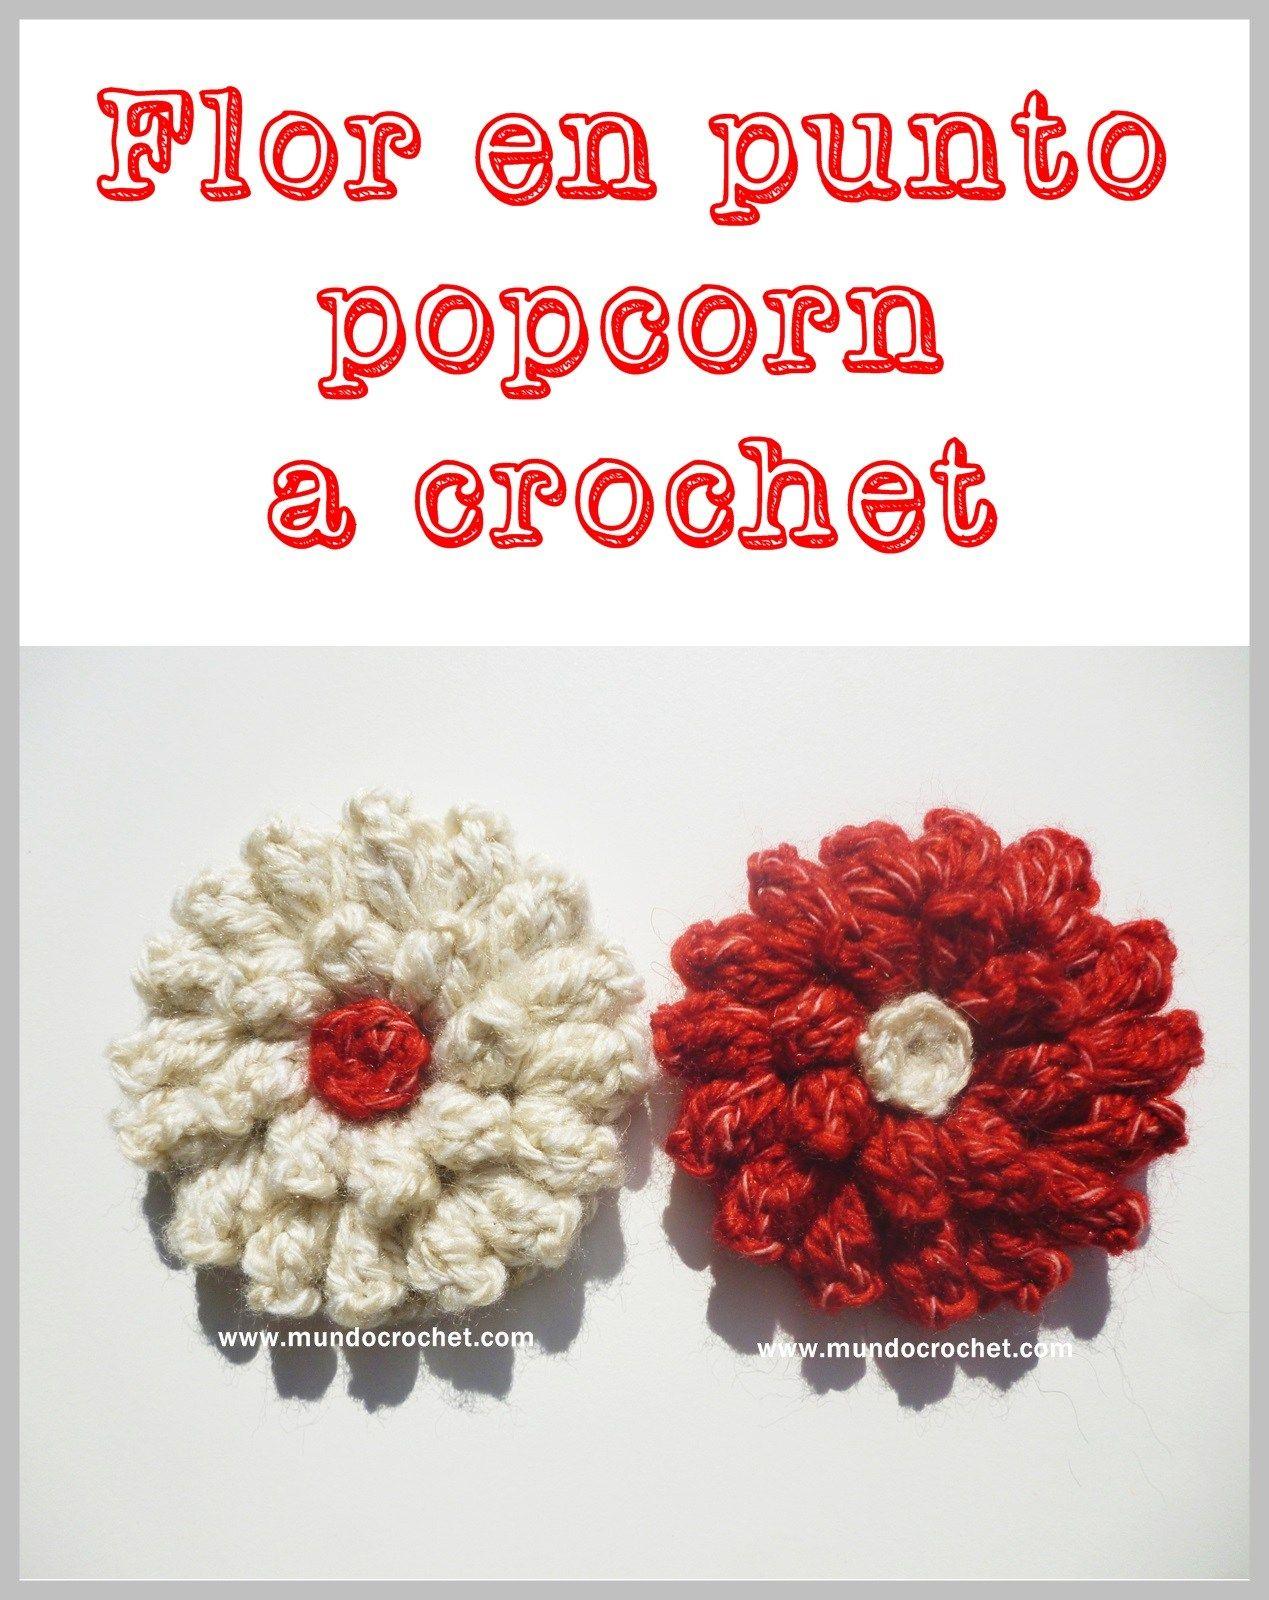 Patron flor en punto popcorn a crochet o ganchillo | punto ...